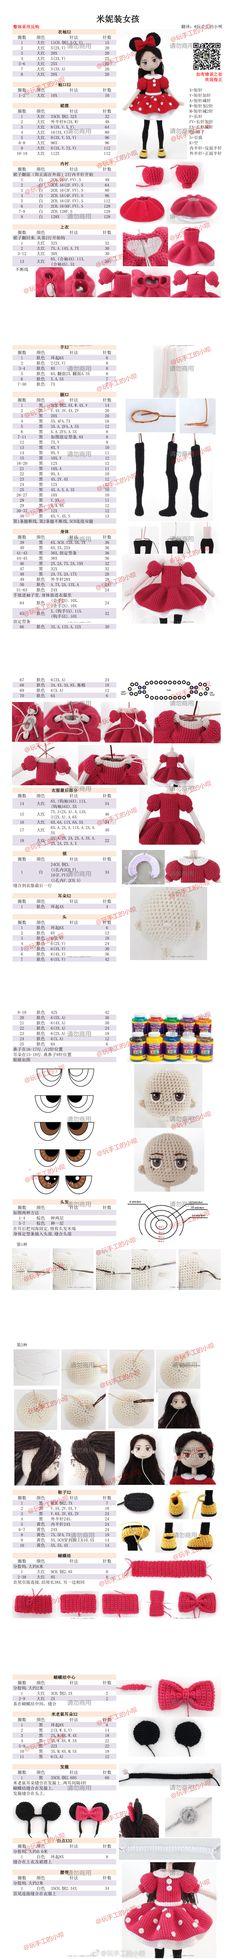 微博 Doll Patterns, Knitting Patterns, Amigurumi Tutorial, Amigurumi Doll, Crochet Dolls, Barbie Clothes, Charts, Chocolates, Dress